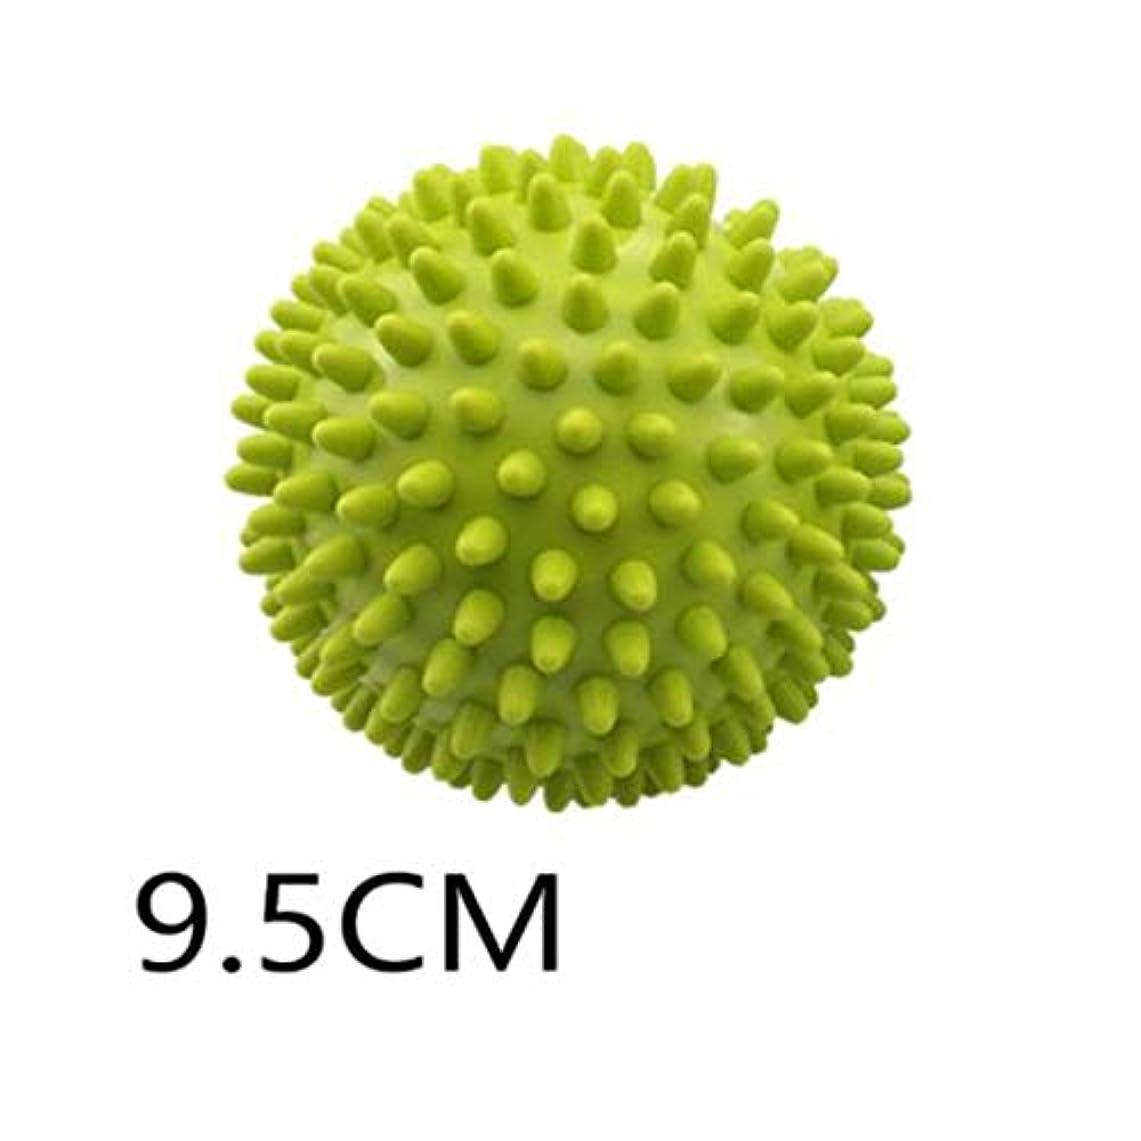 タフ対立ボトルとげのボール - グリーン